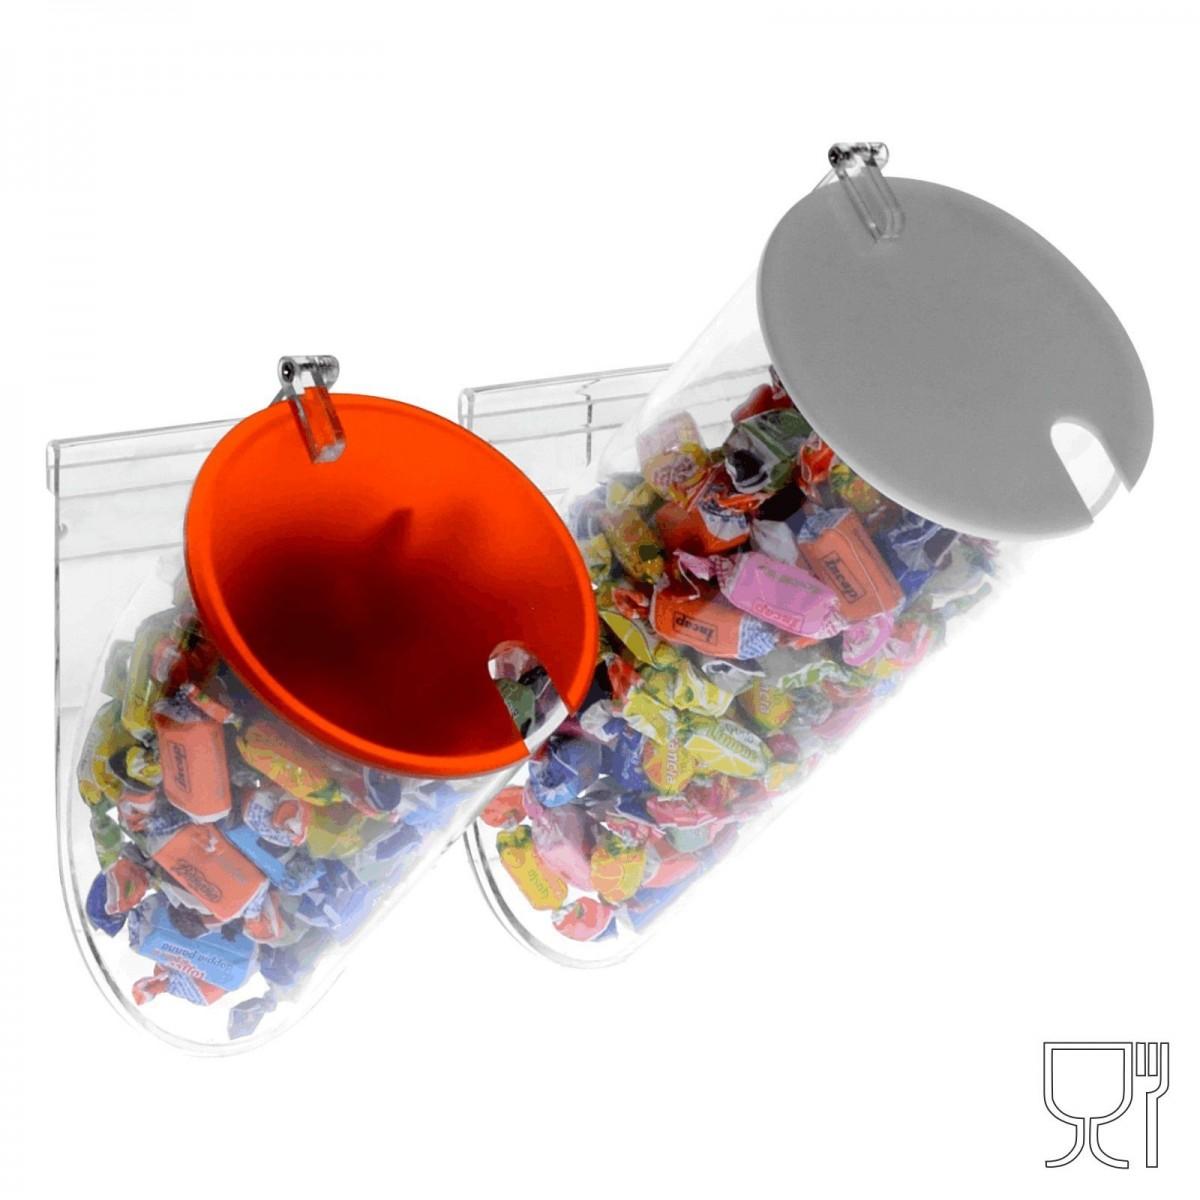 E-050 PC - Porta caramelle 2 contenitori circolari con sportello, muniti di staffa per il fissaggio a parete